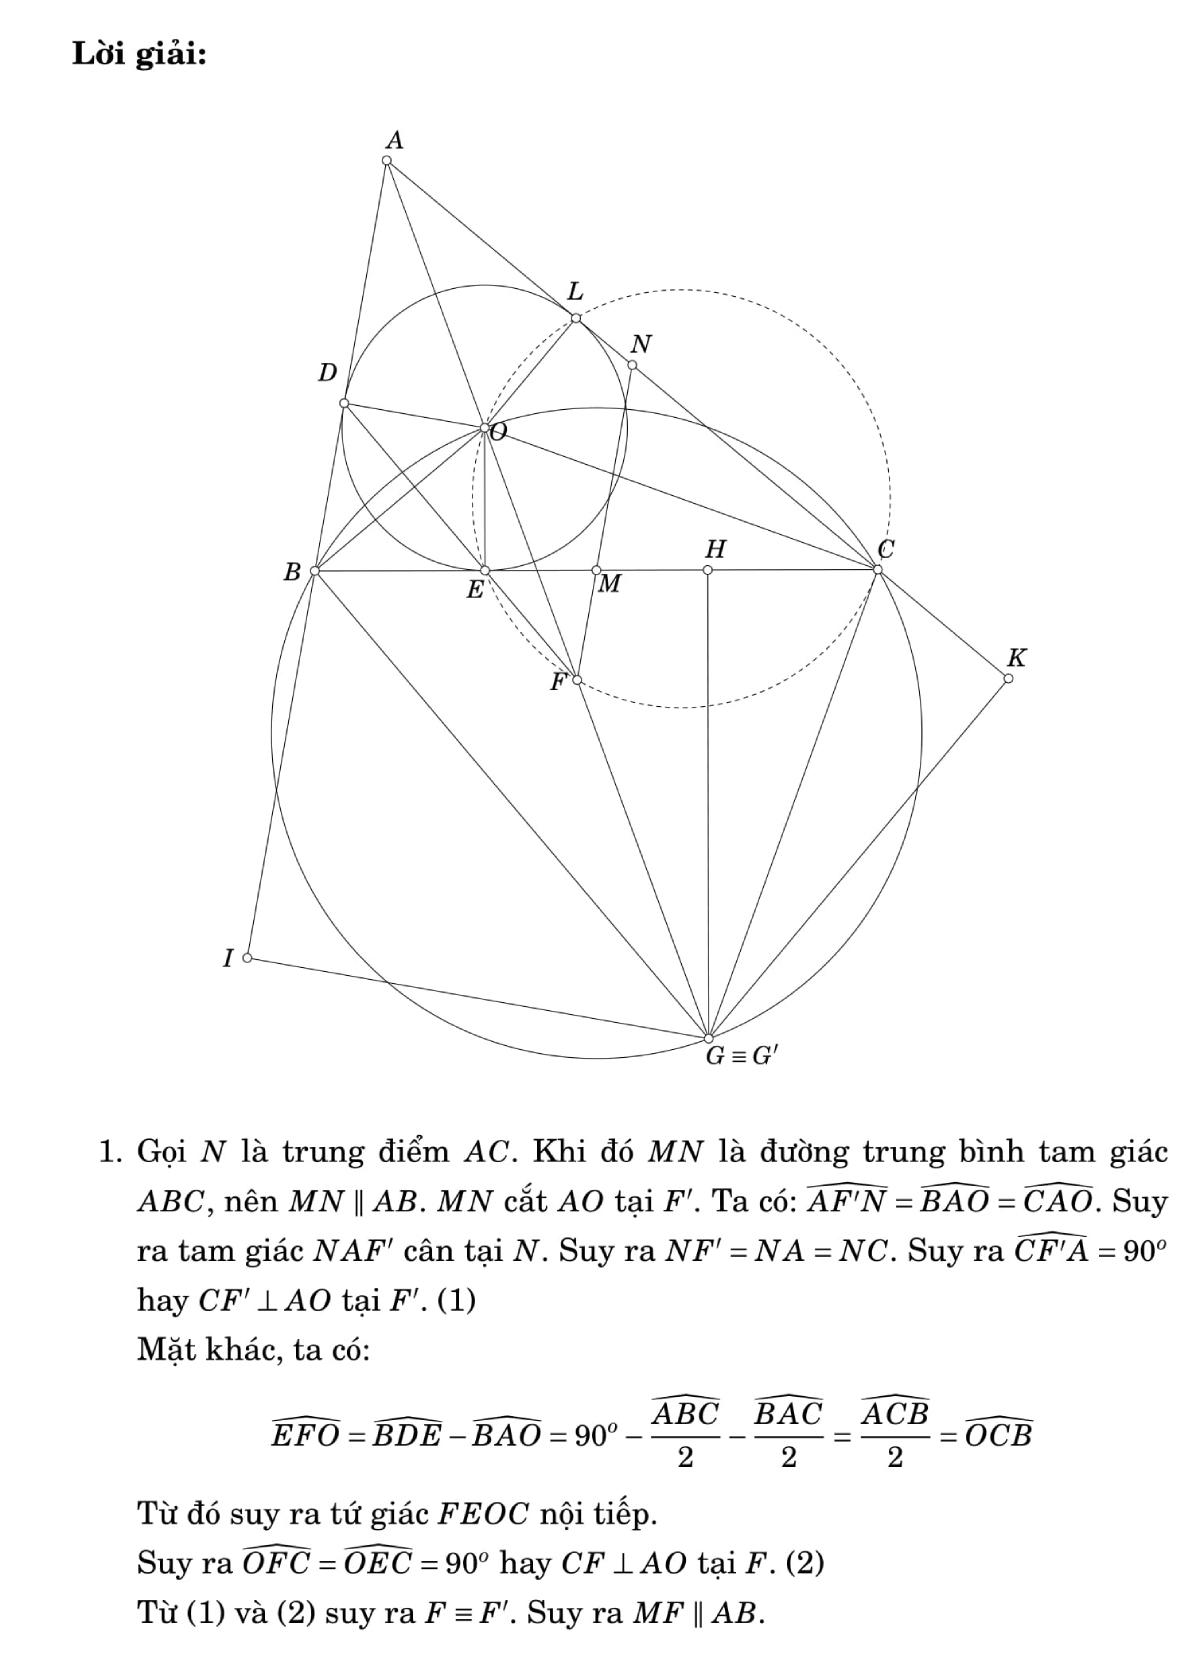 Giải đề Toán chuyên vào lớp 10 ở Đà Nẵng - 8